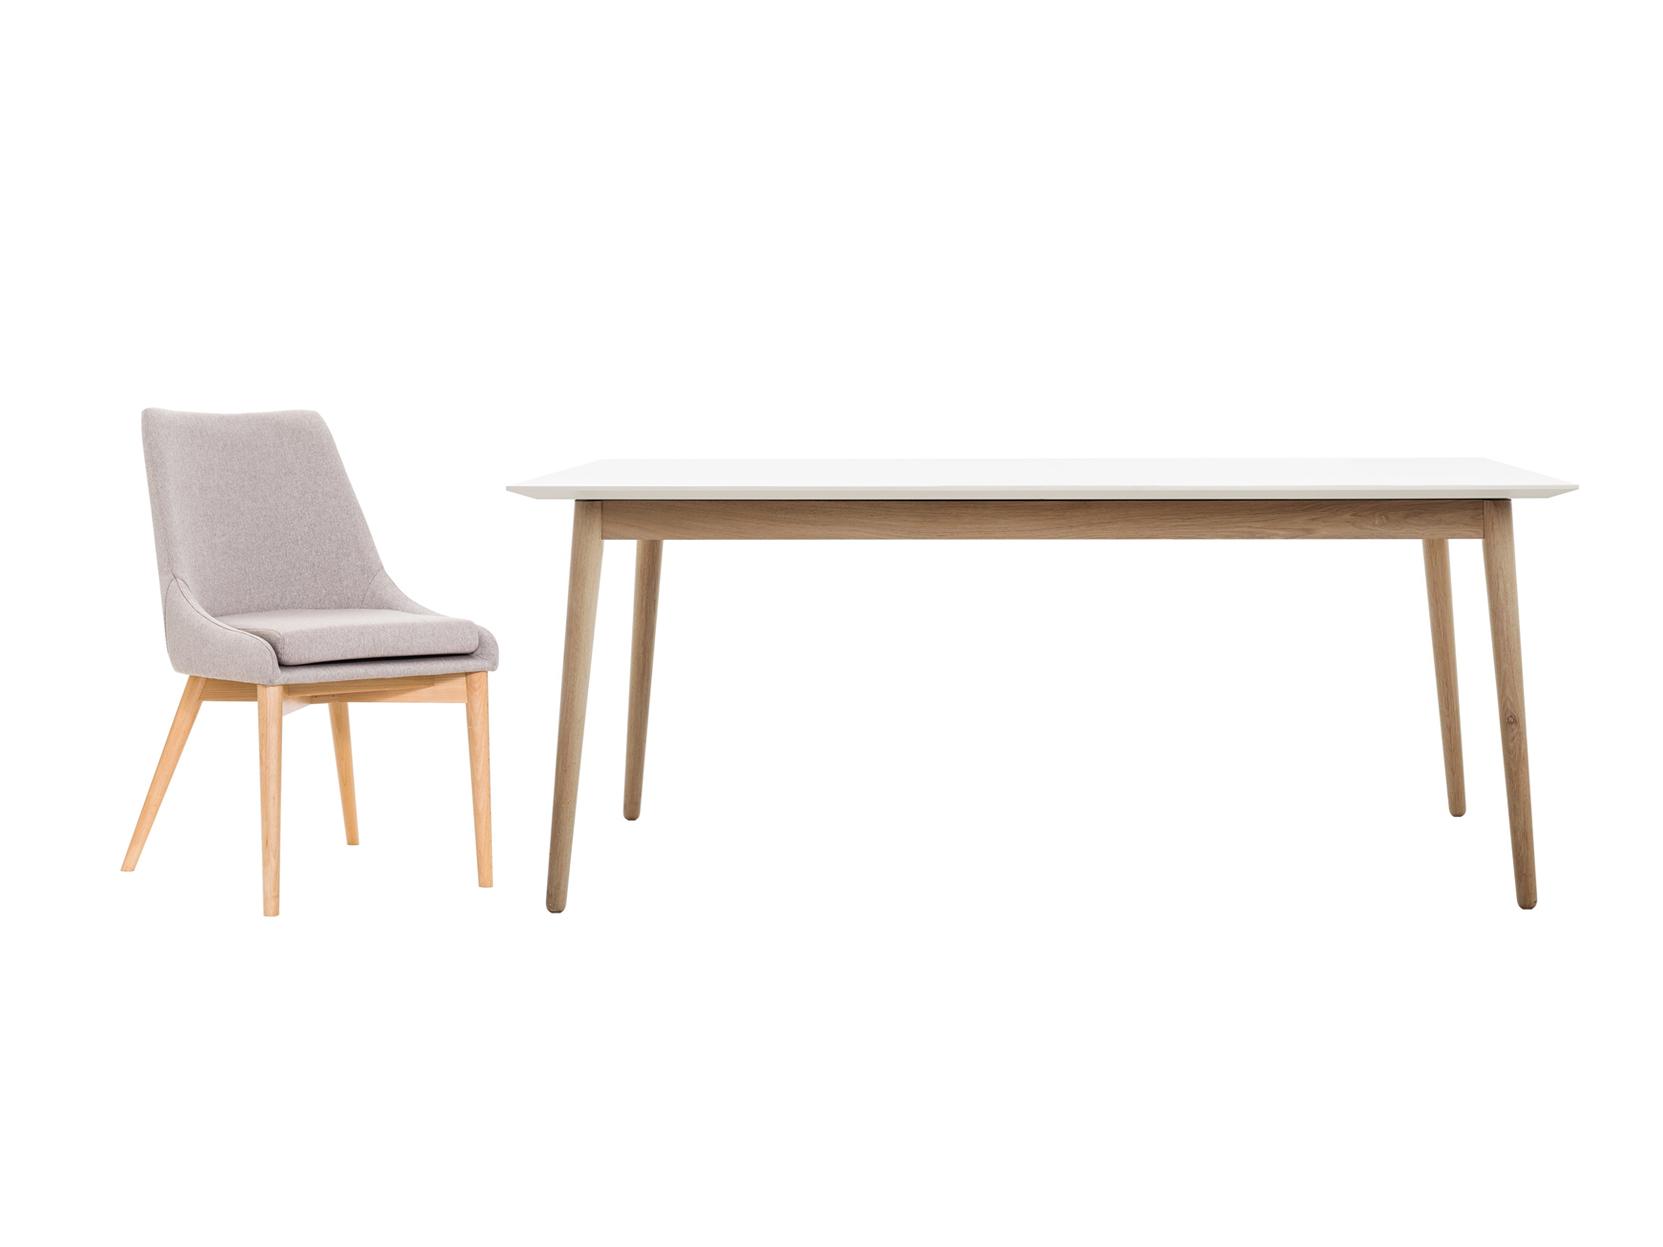 Обеденная группа Sinus (стол + 4 стула)Комплекты мебели<br>&amp;lt;div&amp;gt;&amp;lt;div&amp;gt;Marble - современное полукресло &amp;quot;в квадрате&amp;quot;. Экологически чистые материалы в сочетании с простой и легкой формой зададут настроение любому интерьеру, будь то гостиная или офис.&amp;lt;/div&amp;gt;&amp;lt;div&amp;gt;Стол может быть изготовлен по индивидуальному размеру! Максимальный размер: 280х200 см.&amp;amp;nbsp;&amp;lt;/div&amp;gt;&amp;lt;div&amp;gt;&amp;lt;br&amp;gt;&amp;lt;/div&amp;gt;&amp;lt;div&amp;gt;Размеры стола: 140/80/74 см.&amp;lt;/div&amp;gt;&amp;lt;div&amp;gt;Материалы стола: Основание - массив дуба. Столешница - МДФ.&amp;amp;nbsp;&amp;lt;/div&amp;gt;&amp;lt;div&amp;gt;5 цветов отделки для столешницы и основания.&amp;lt;/div&amp;gt;&amp;lt;div&amp;gt;&amp;lt;br&amp;gt;&amp;lt;/div&amp;gt;&amp;lt;div&amp;gt;Размеры стула: 50/85/58 см.&amp;lt;/div&amp;gt;&amp;lt;div&amp;gt;Высота сиденья: 48 см.&amp;lt;/div&amp;gt;&amp;lt;div&amp;gt;Материалы стула: бук, текстиль.&amp;lt;/div&amp;gt;&amp;lt;/div&amp;gt;&amp;lt;div&amp;gt;&amp;lt;br&amp;gt;&amp;lt;/div&amp;gt;&amp;lt;div&amp;gt;&amp;lt;div&amp;gt;<br><br><br><br><br>&amp;lt;div&amp;gt;&amp;lt;/div&amp;gt;&amp;lt;/div&amp;gt;&amp;lt;/div&amp;gt;<br><br>Material: Дуб<br>Width см: 140<br>Depth см: 74<br>Height см: 80